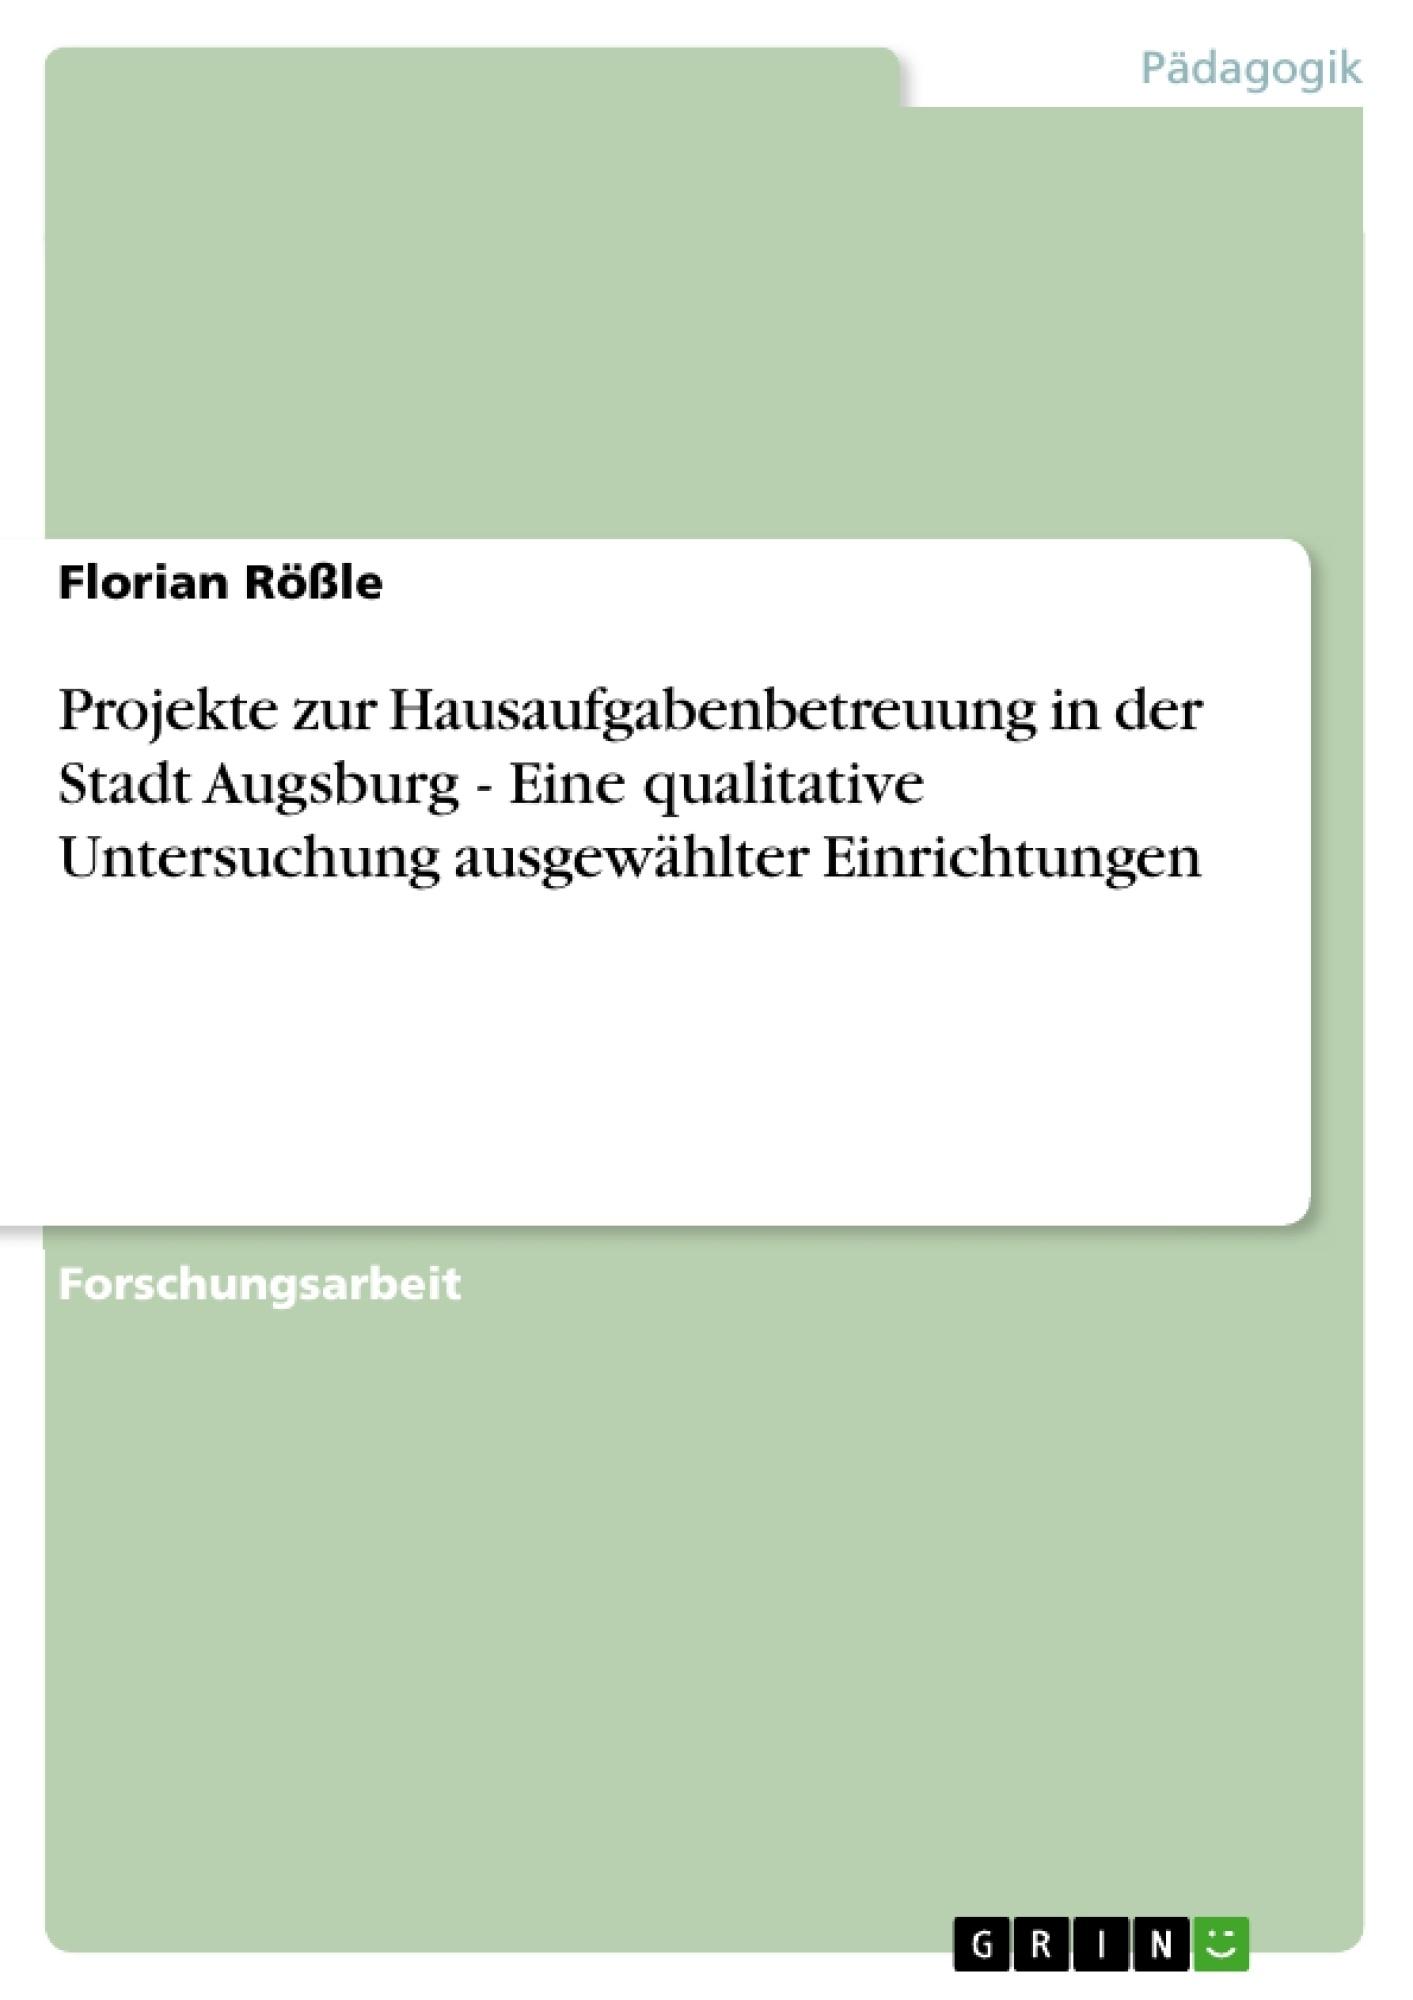 Titel: Projekte zur Hausaufgabenbetreuung in der Stadt Augsburg - Eine qualitative Untersuchung ausgewählter Einrichtungen